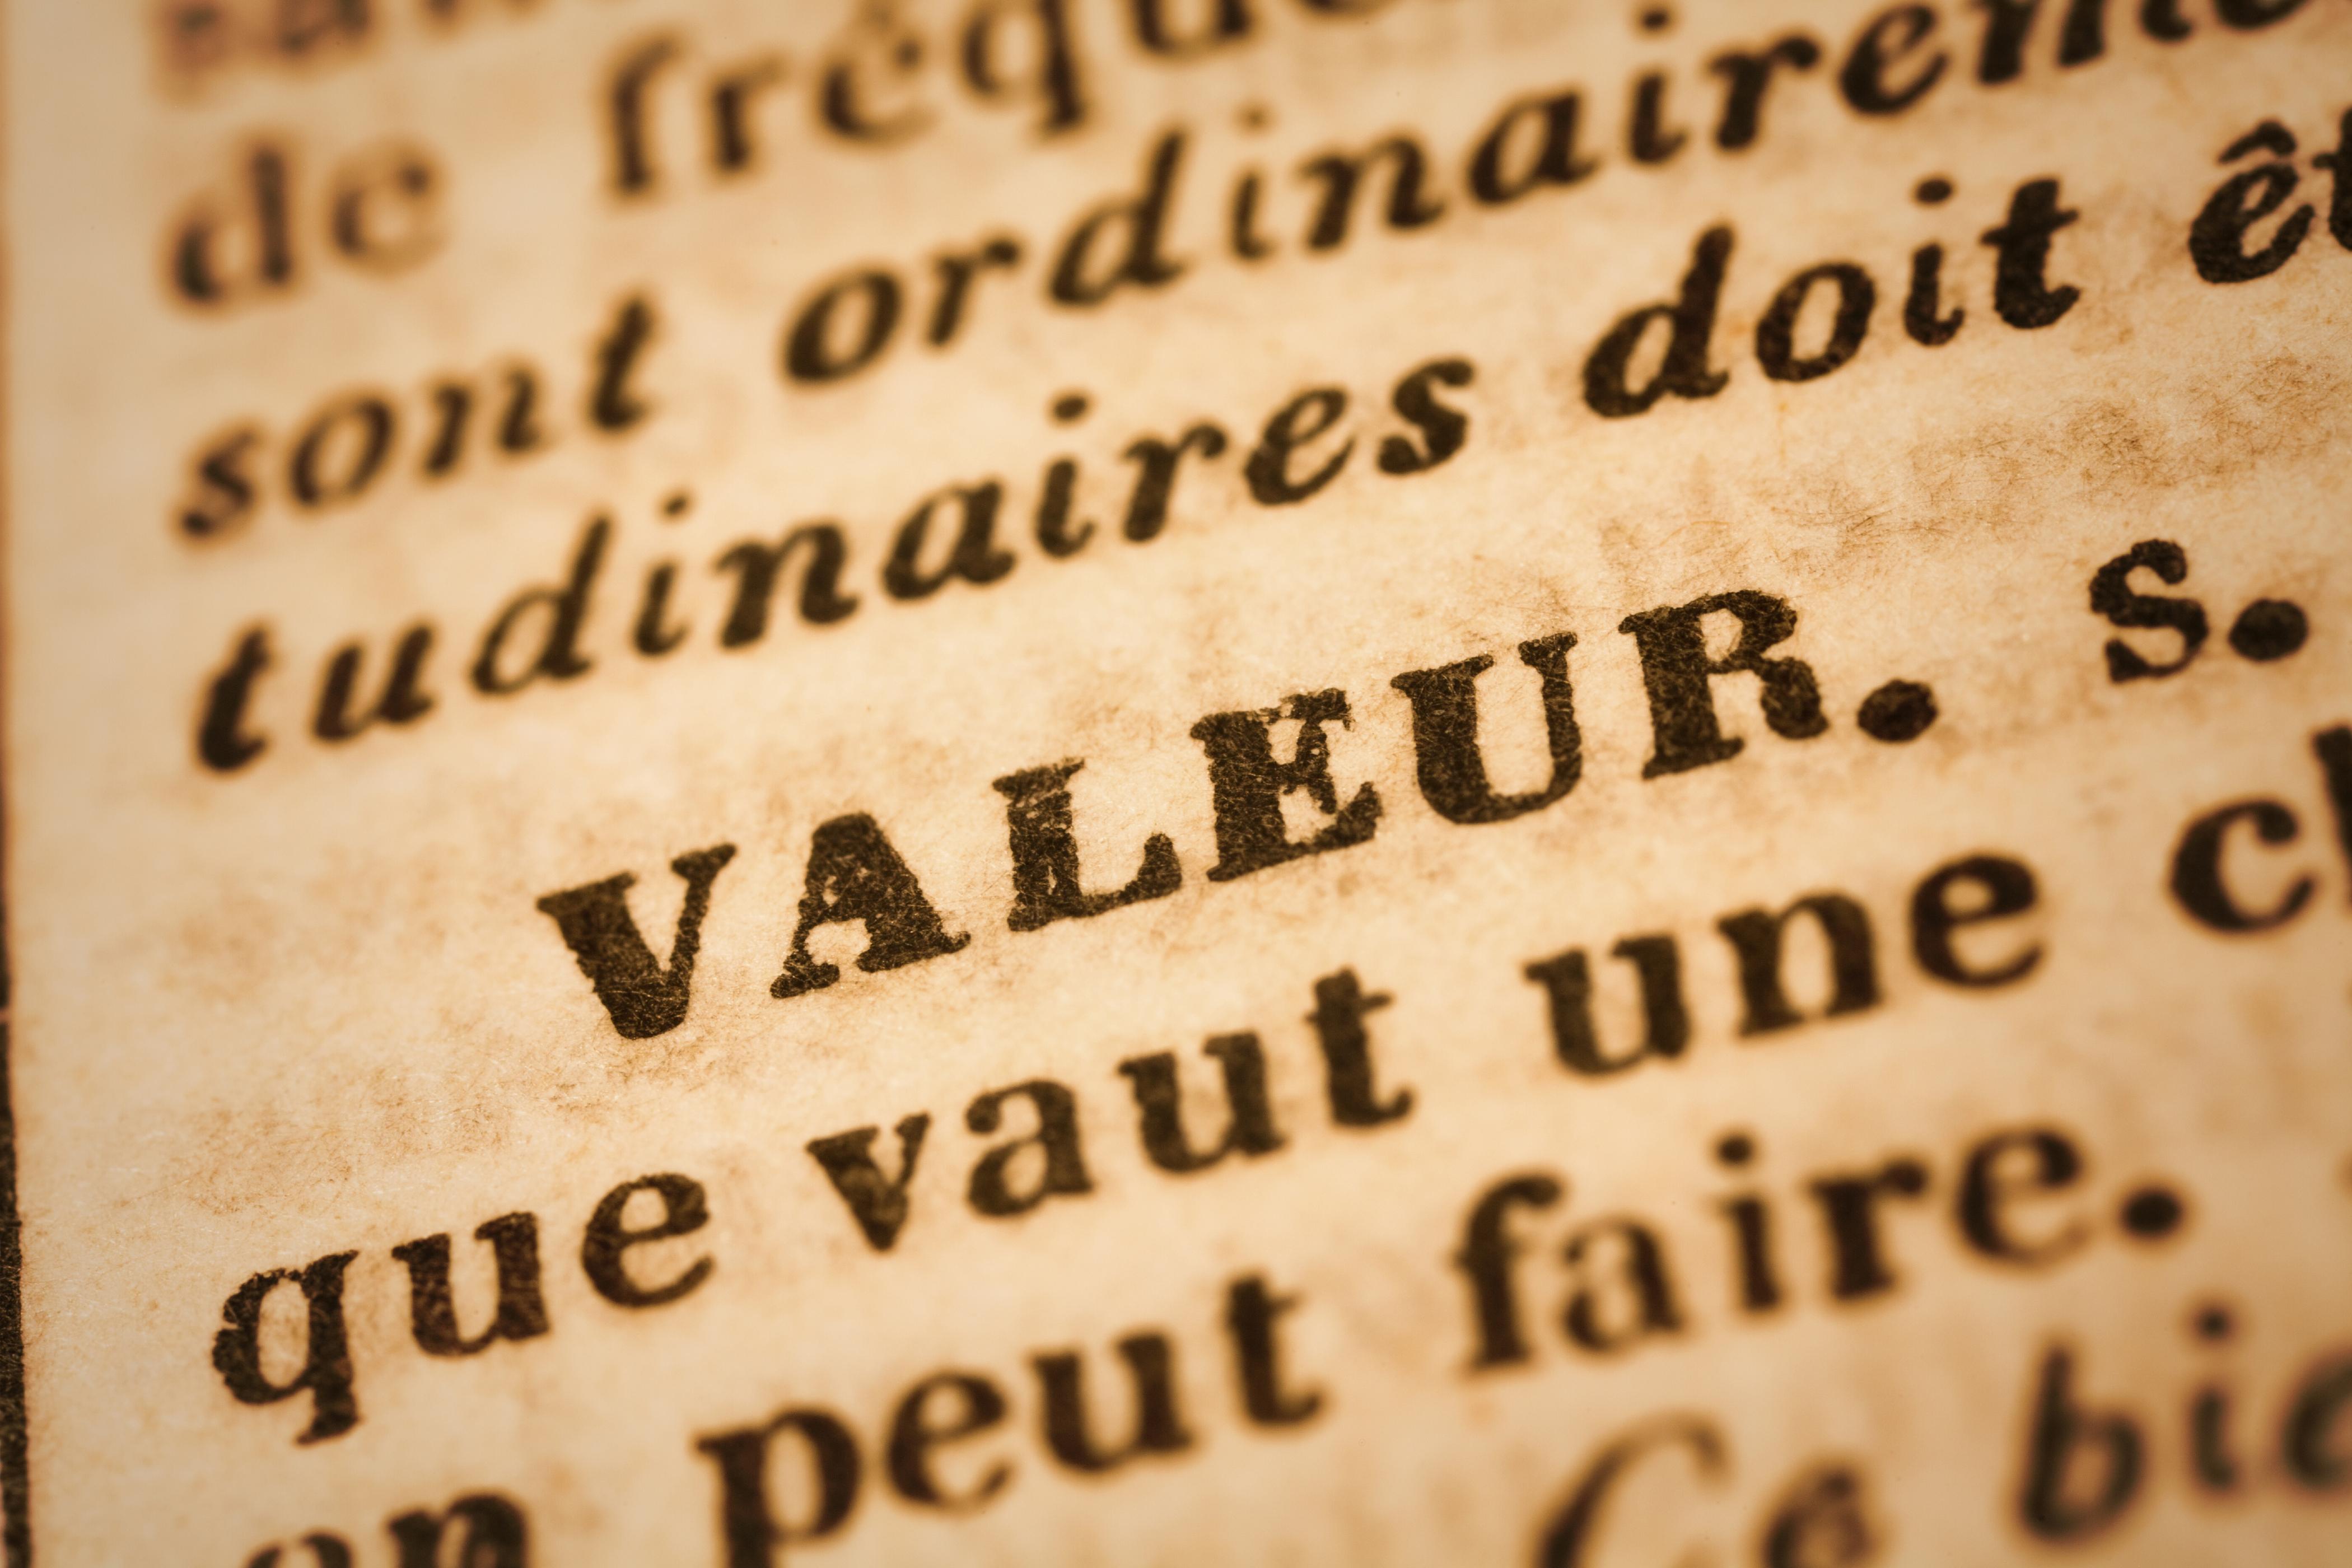 Nous créons de la valeur.